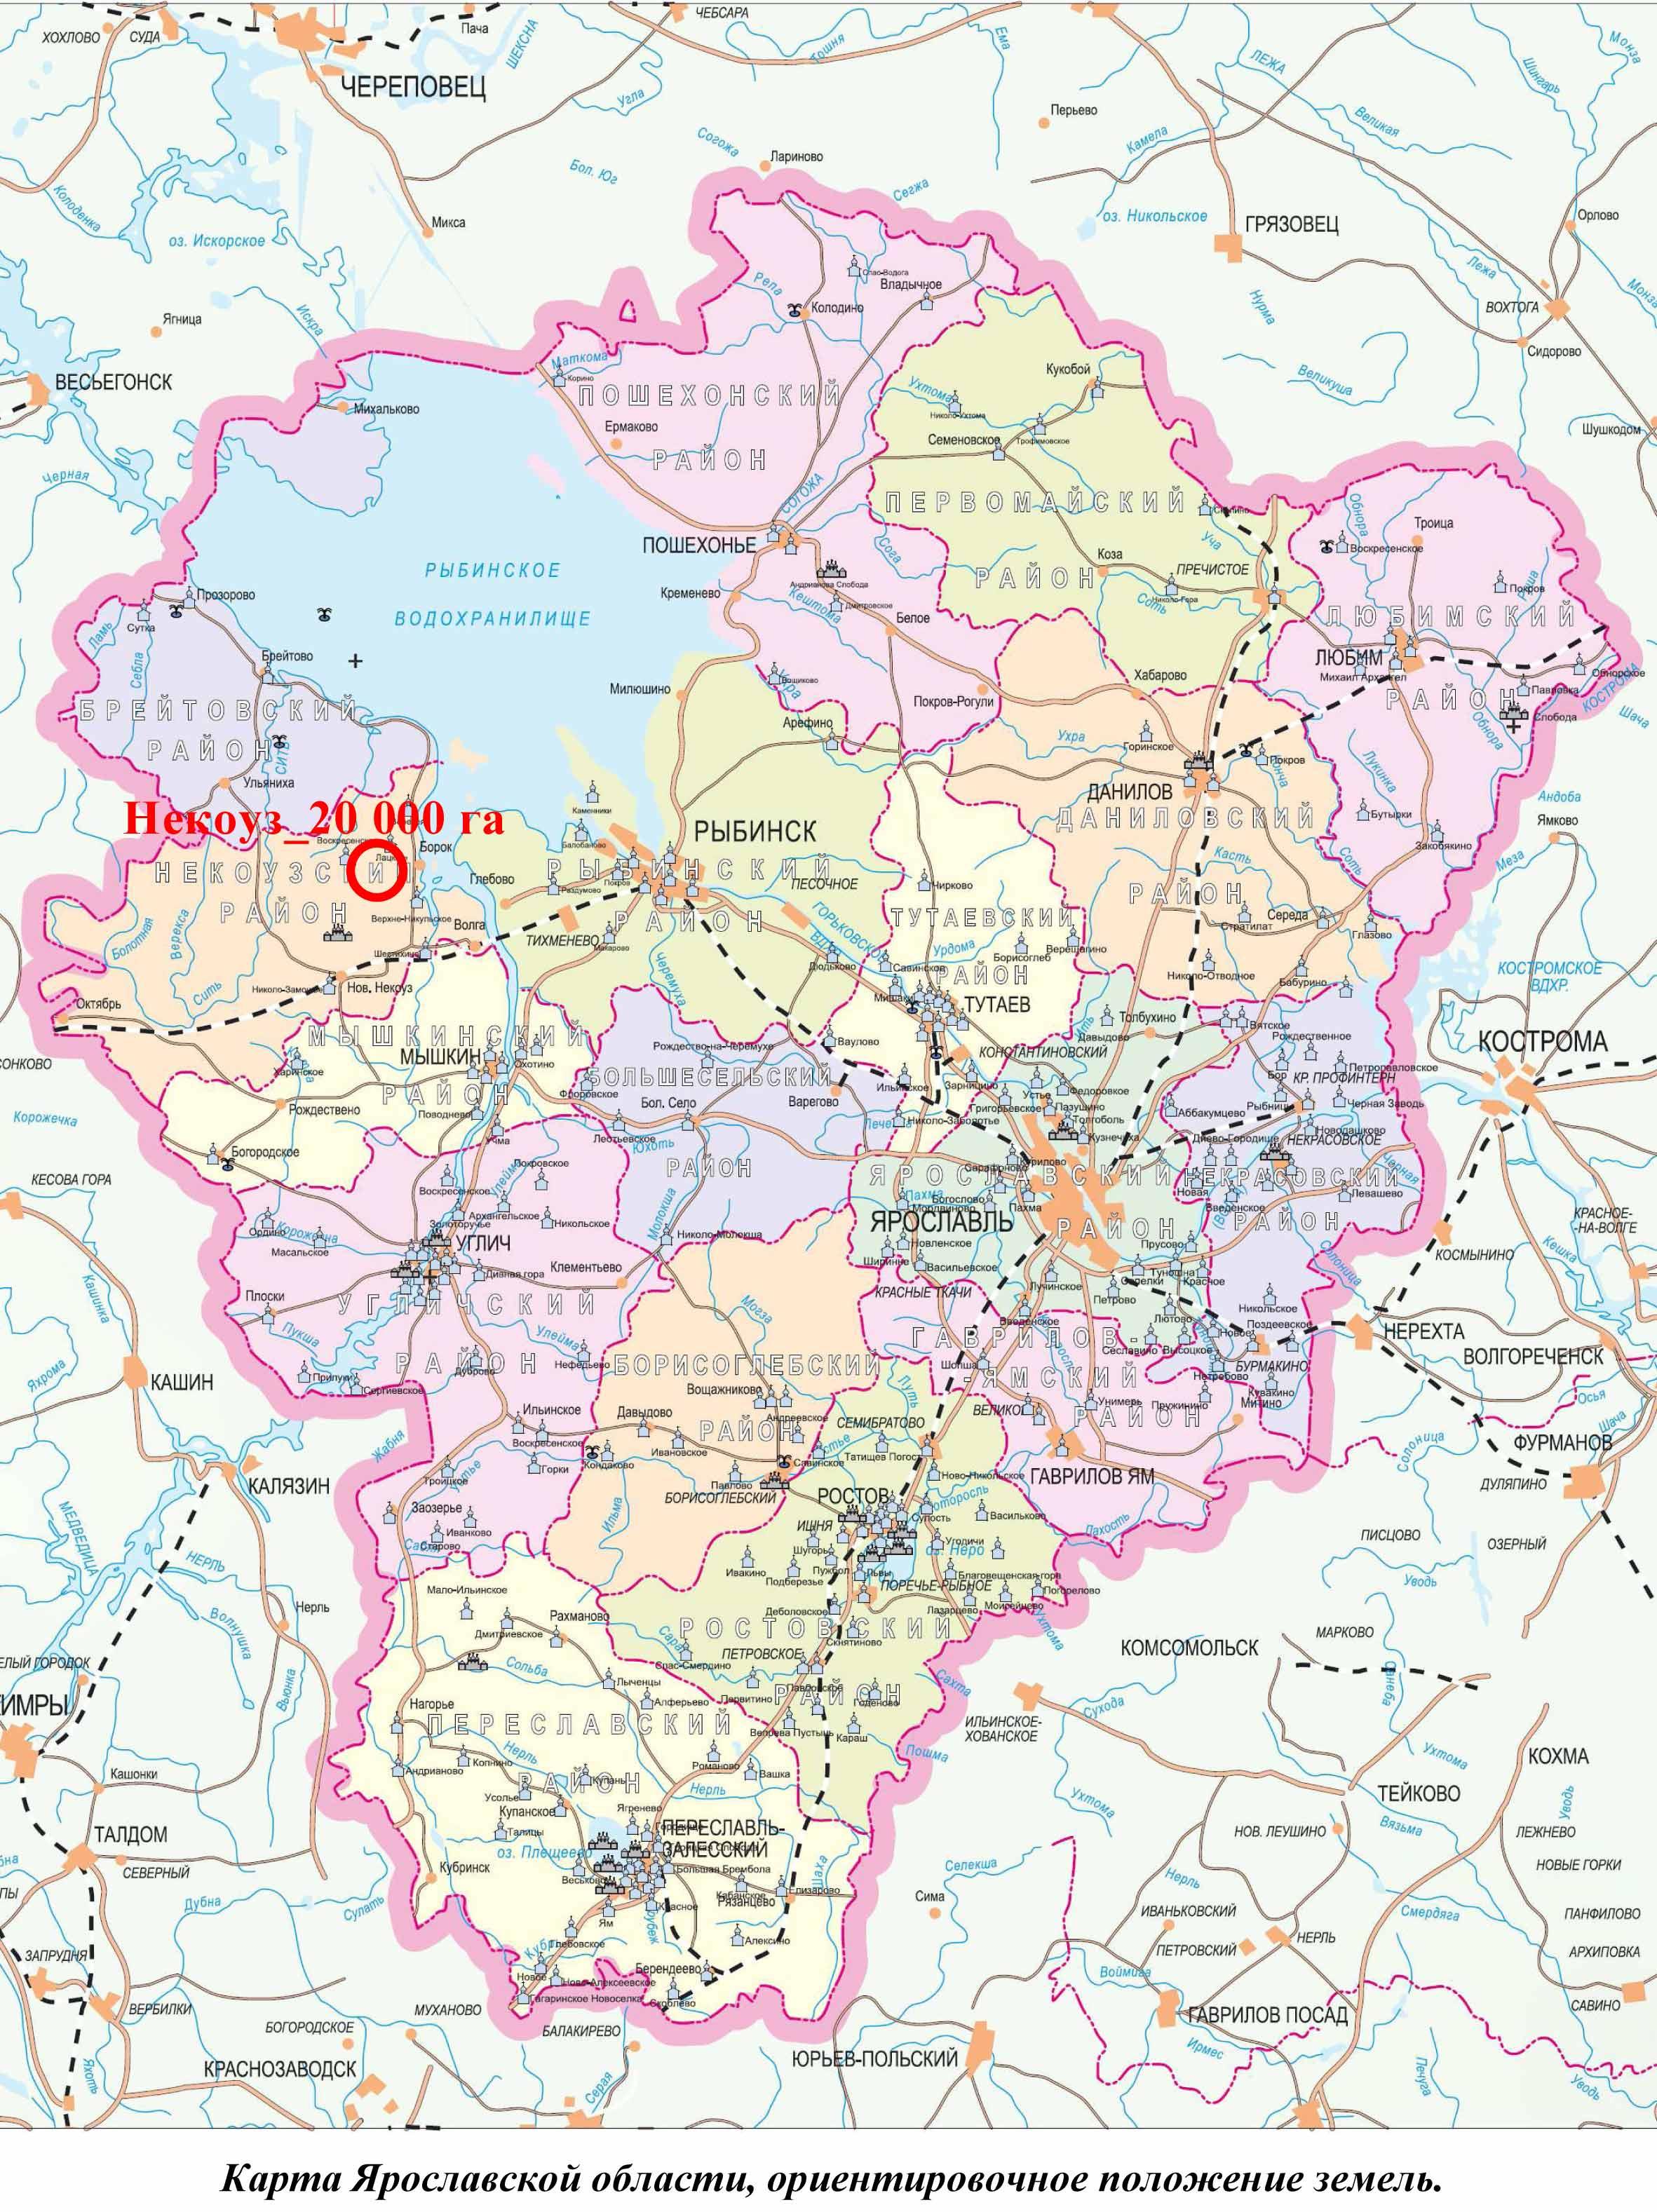 Карта Сумского Района Подробная.Rar - instrukciyaflying: http://instrukciyaflying.weebly.com/blog/-rar5841700